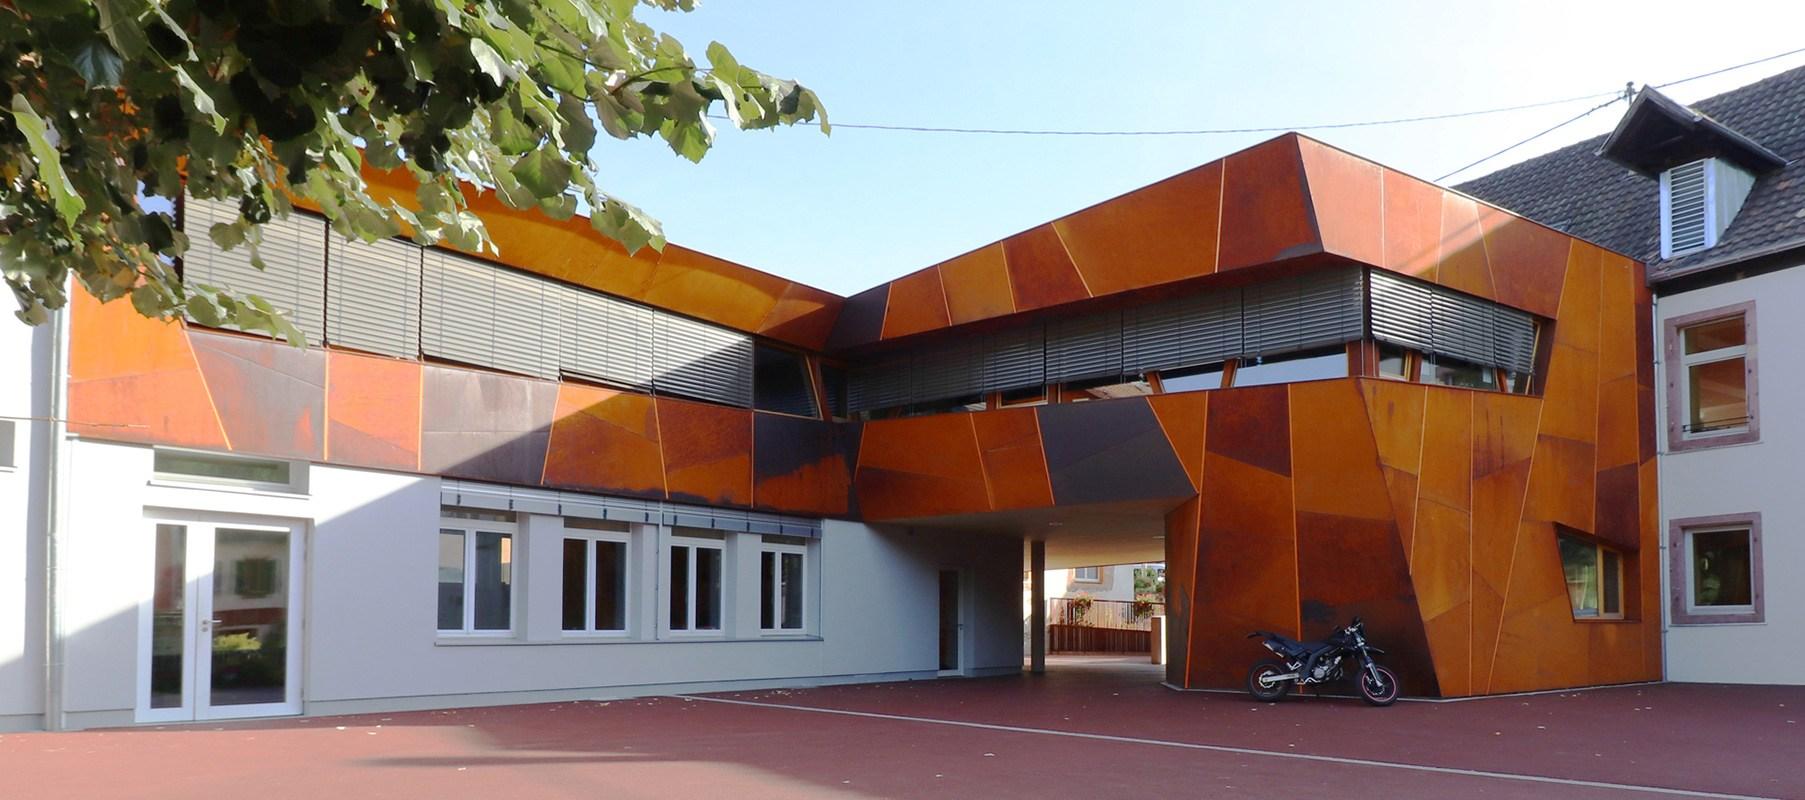 Ecole RT 2012